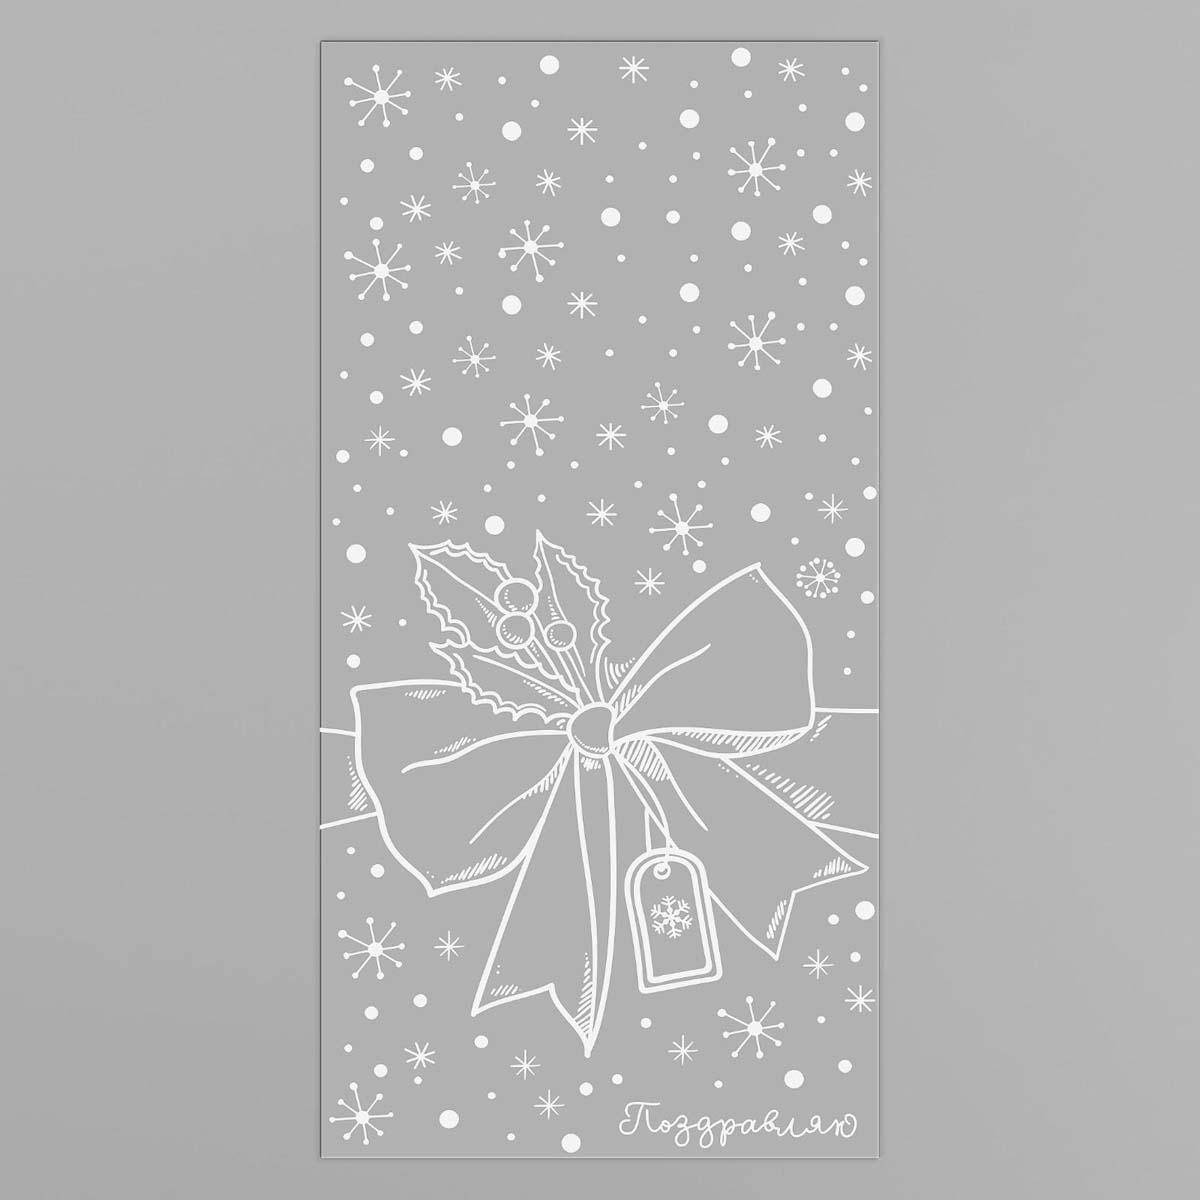 4459103 Пакет подарочный пластиковый «Новогоднее поздравление», 15*30 см